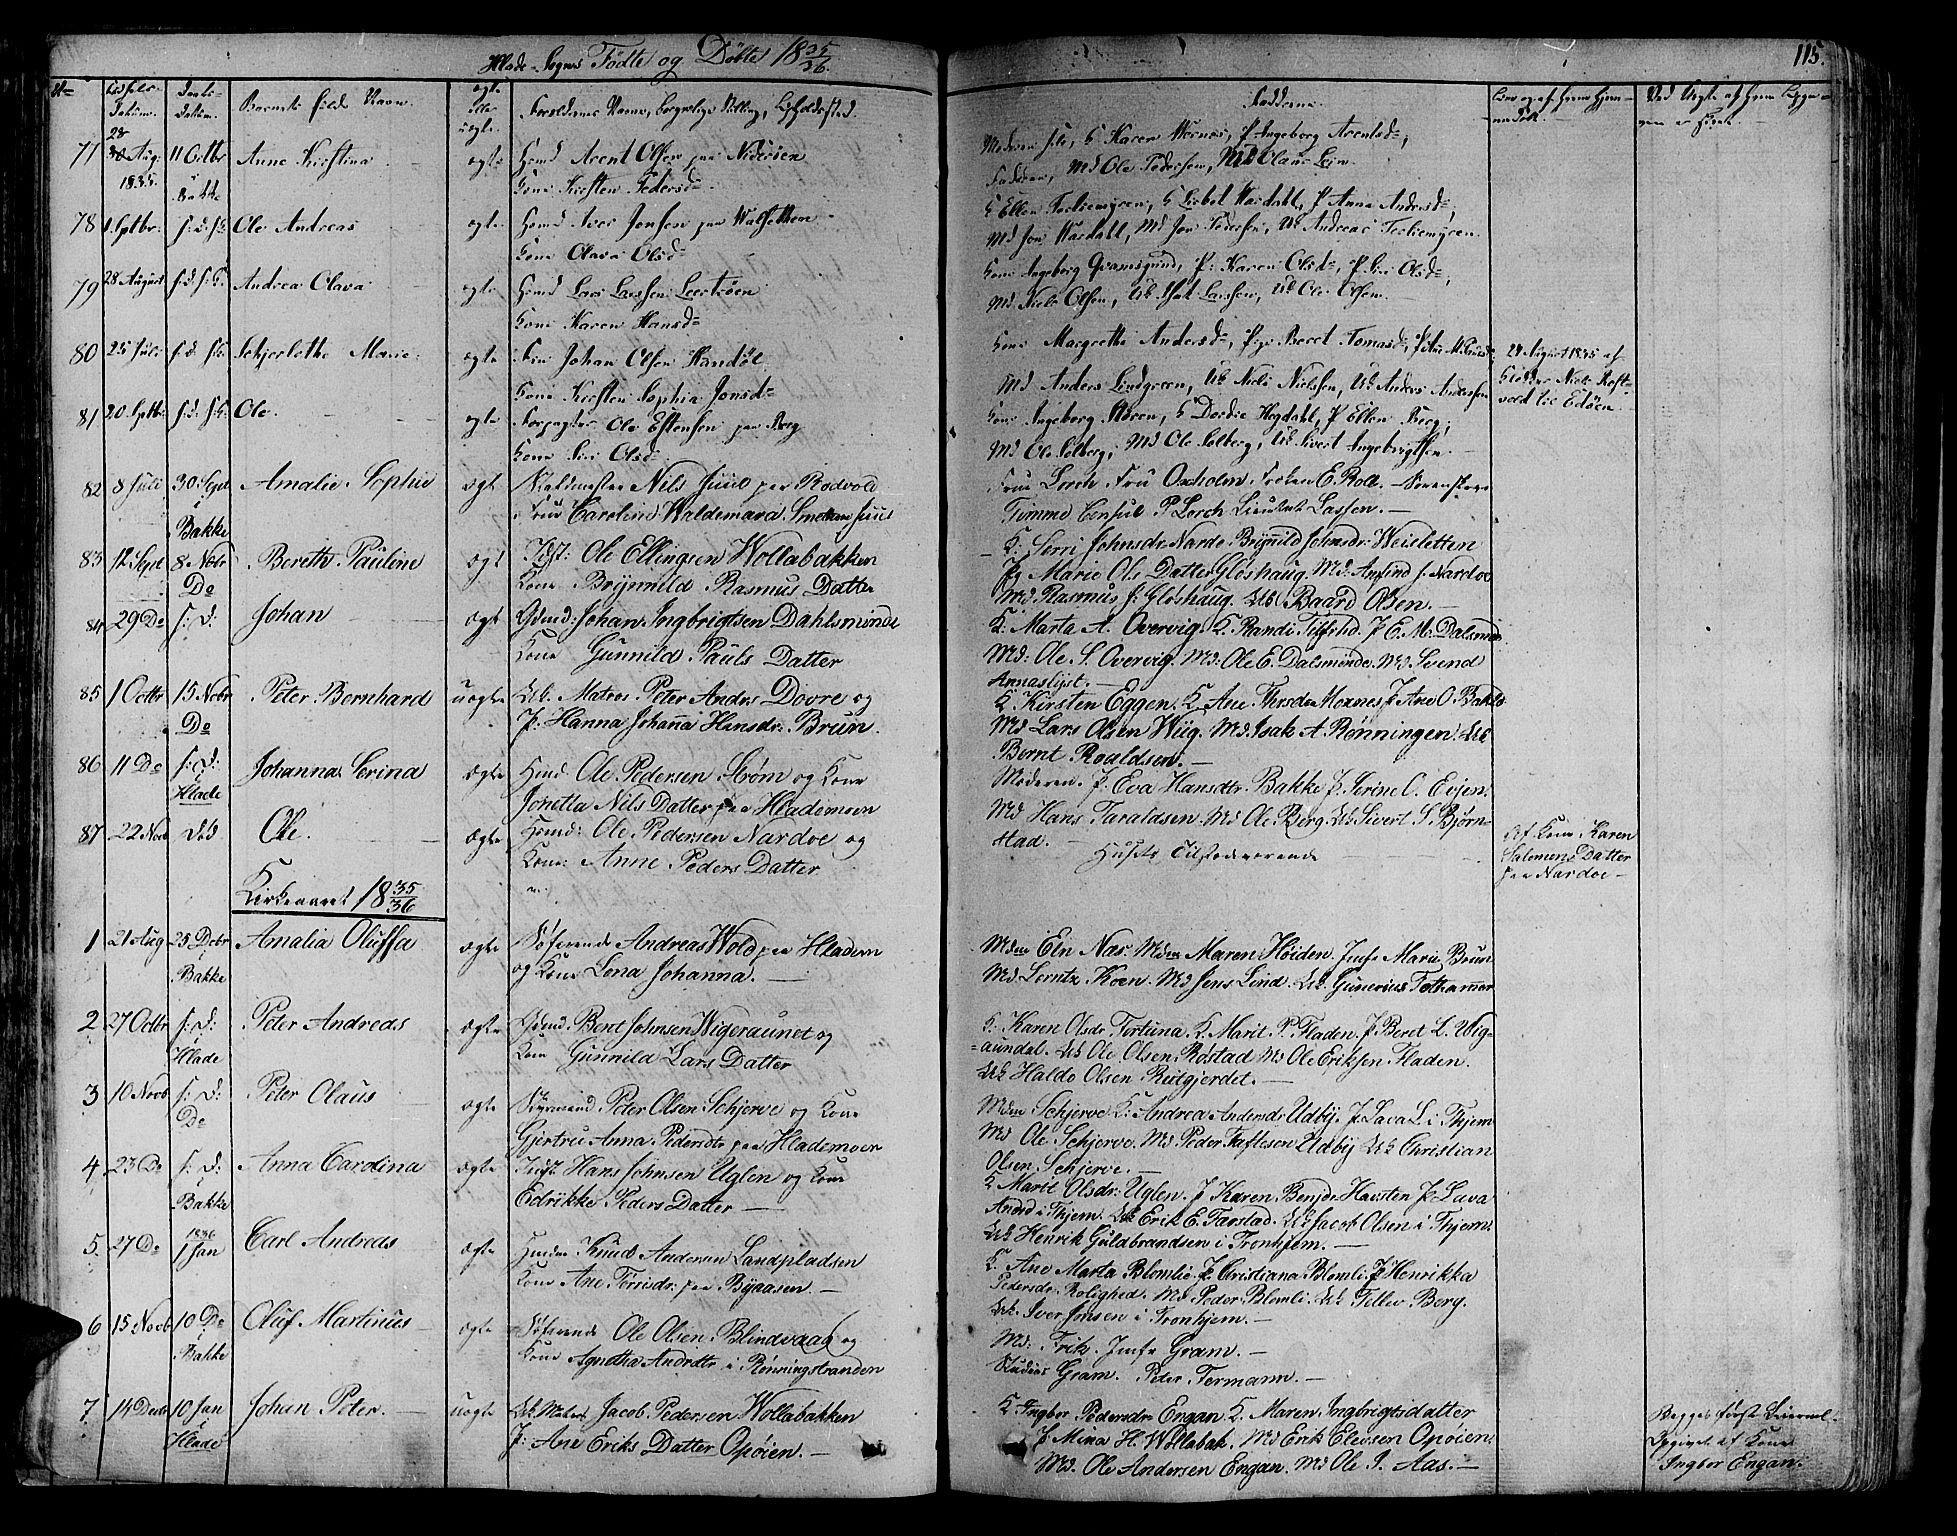 SAT, Ministerialprotokoller, klokkerbøker og fødselsregistre - Sør-Trøndelag, 606/L0286: Ministerialbok nr. 606A04 /1, 1823-1840, s. 115